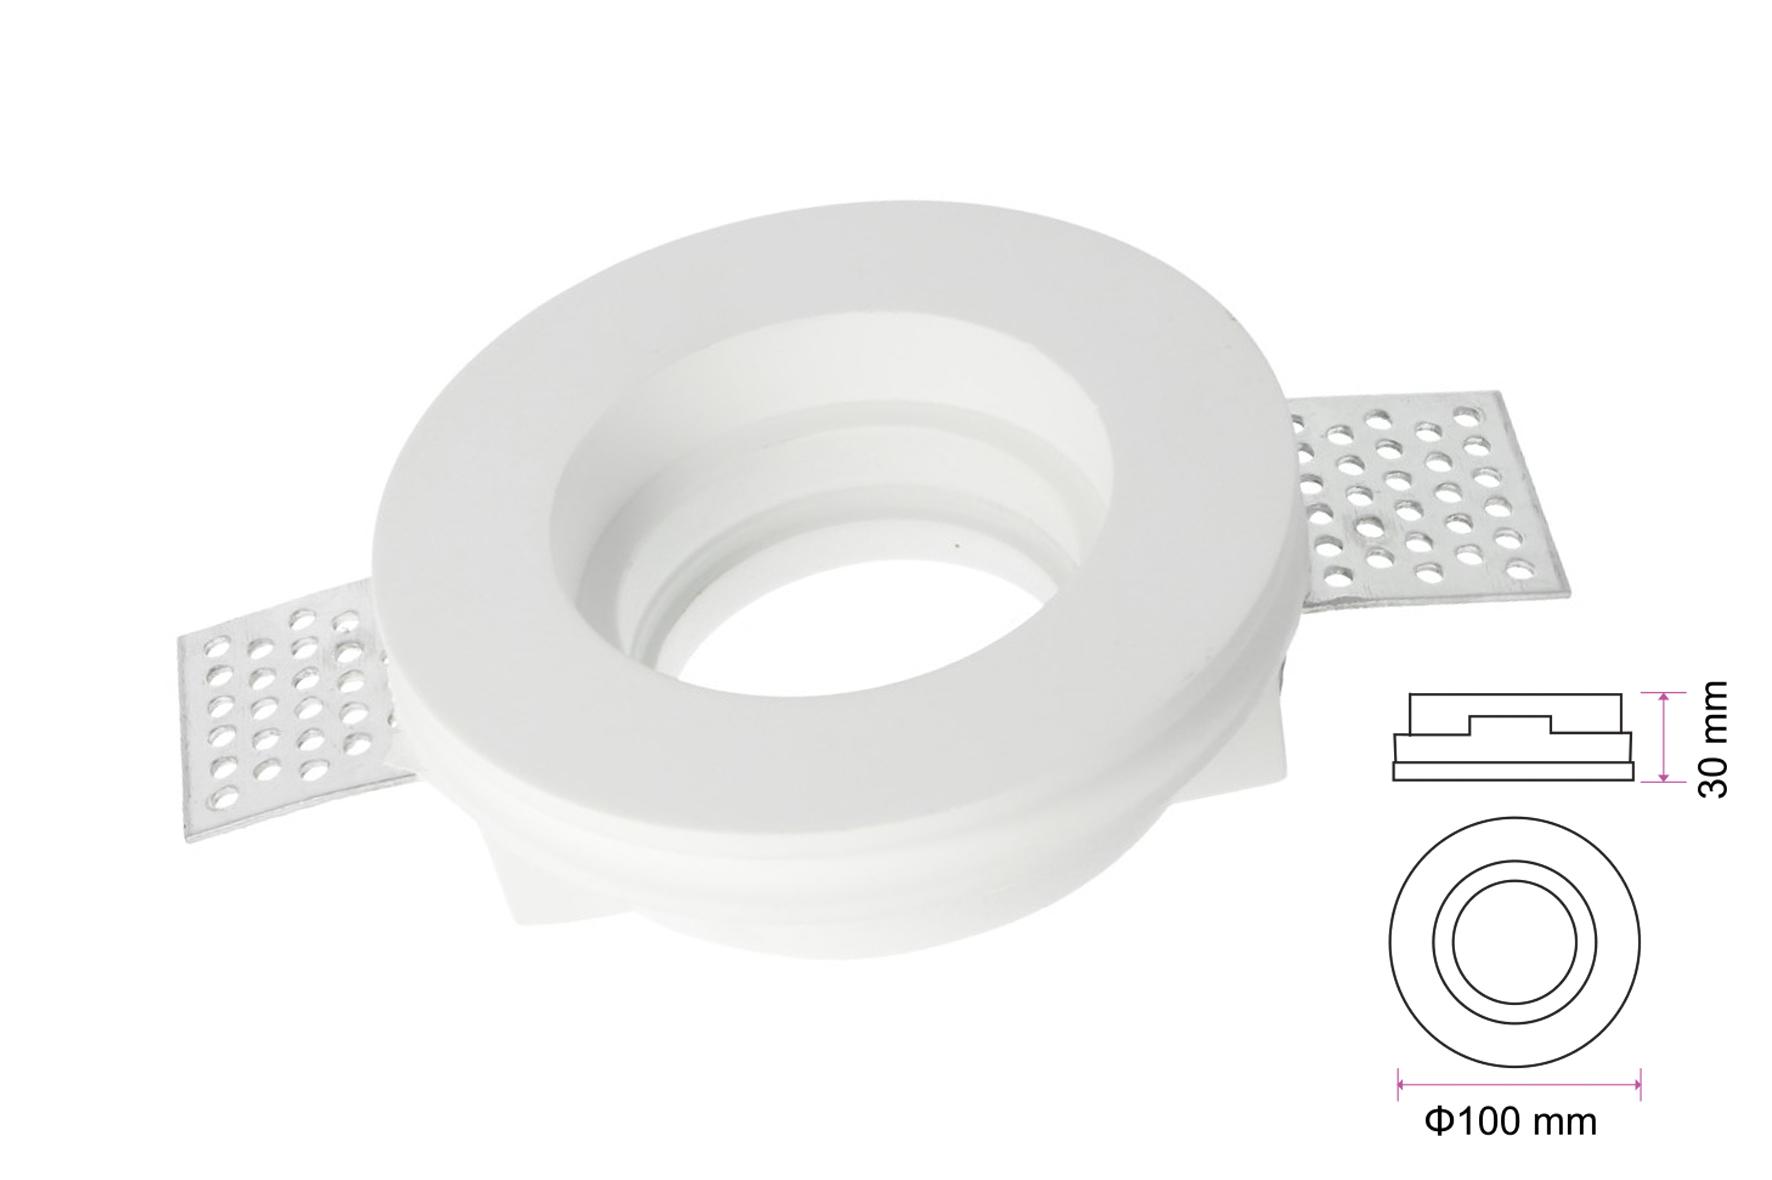 Portafaretto Lampada Led GU10 Da Incasso A Scomparsa Corpo Rotondo In Gesso Bianco Verniciabile Diametro 100mm SKU-3652 - KIT